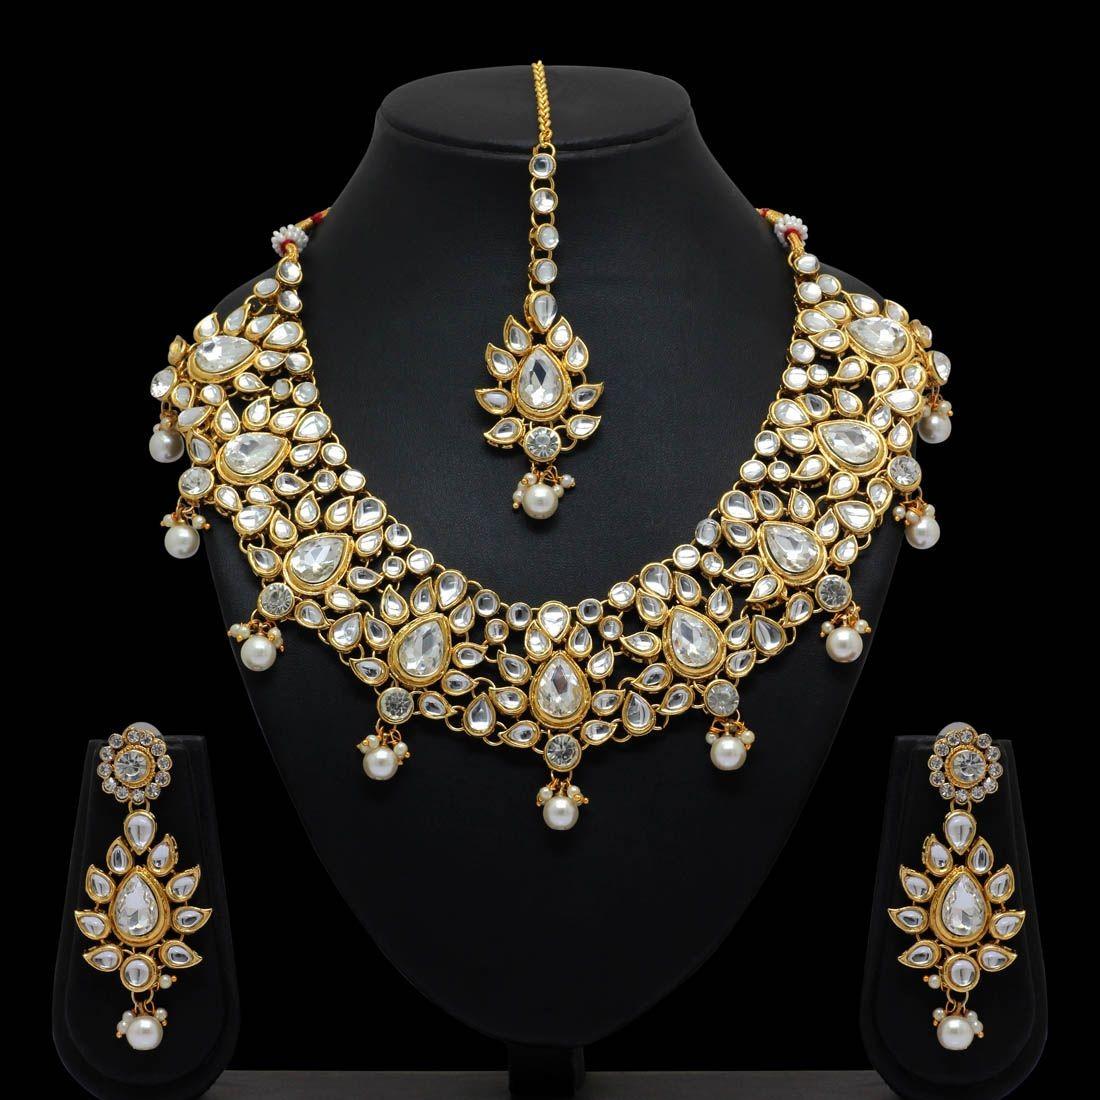 Conjunto piedras y perlas blancas